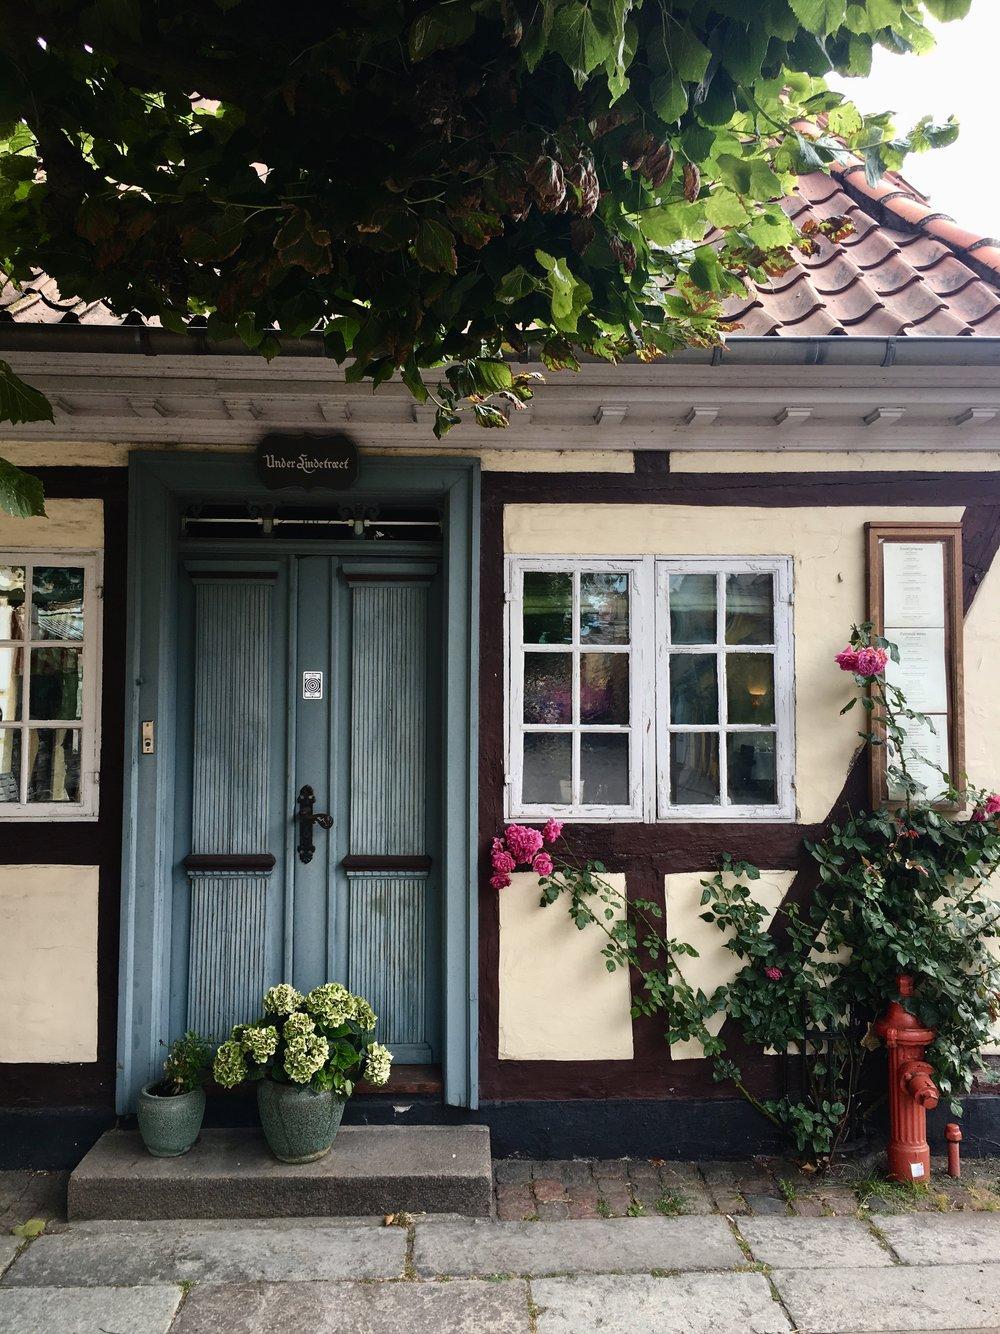 Nere i H.C Andersens gamla hoods njöt vi såklart av de fina fasaderna.